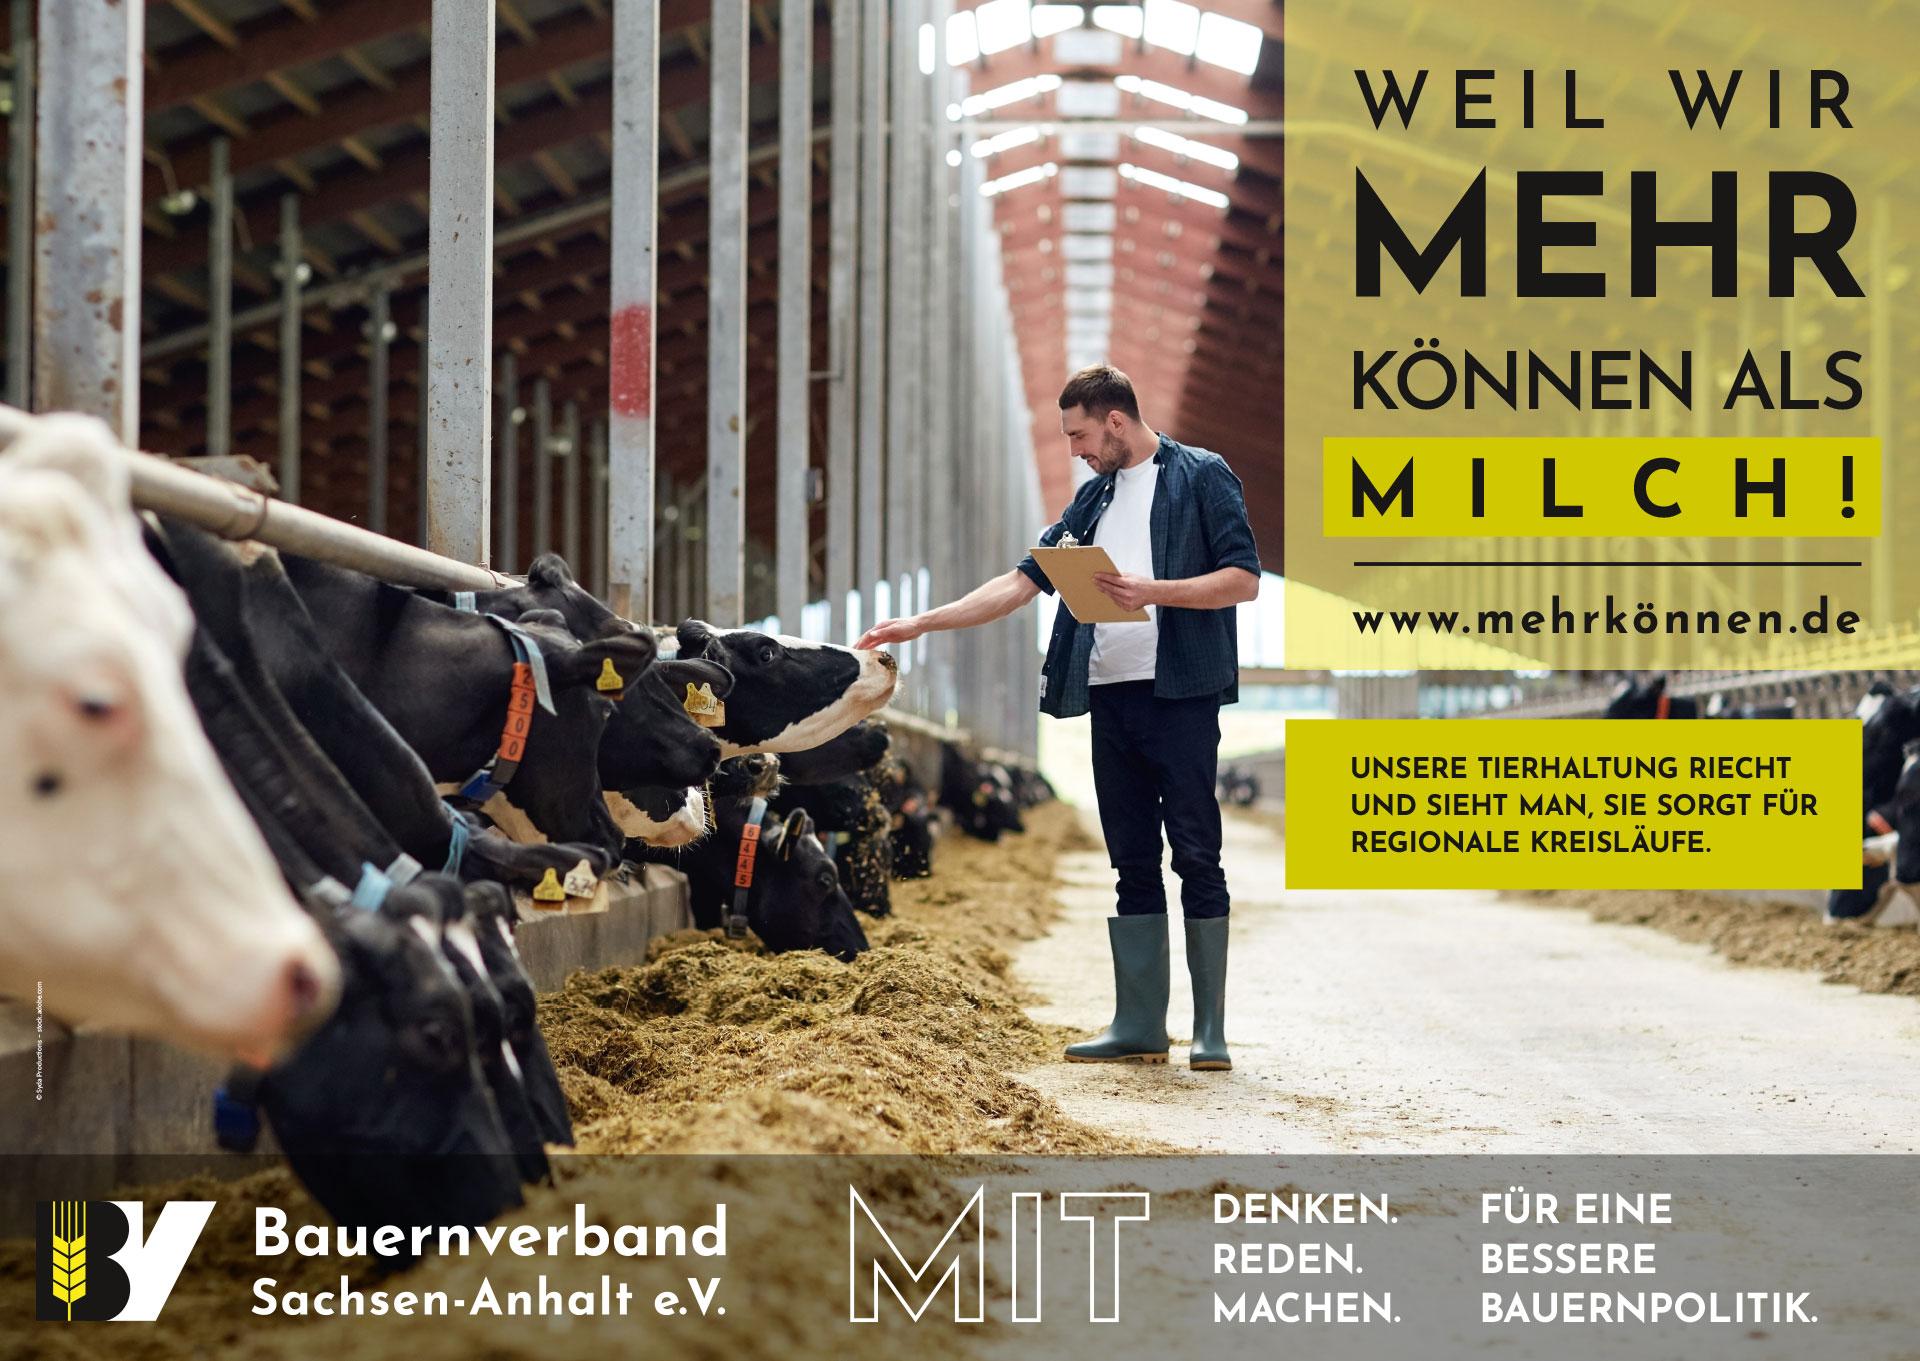 Plakatmotiv: Weil wir mehr können als Milch!